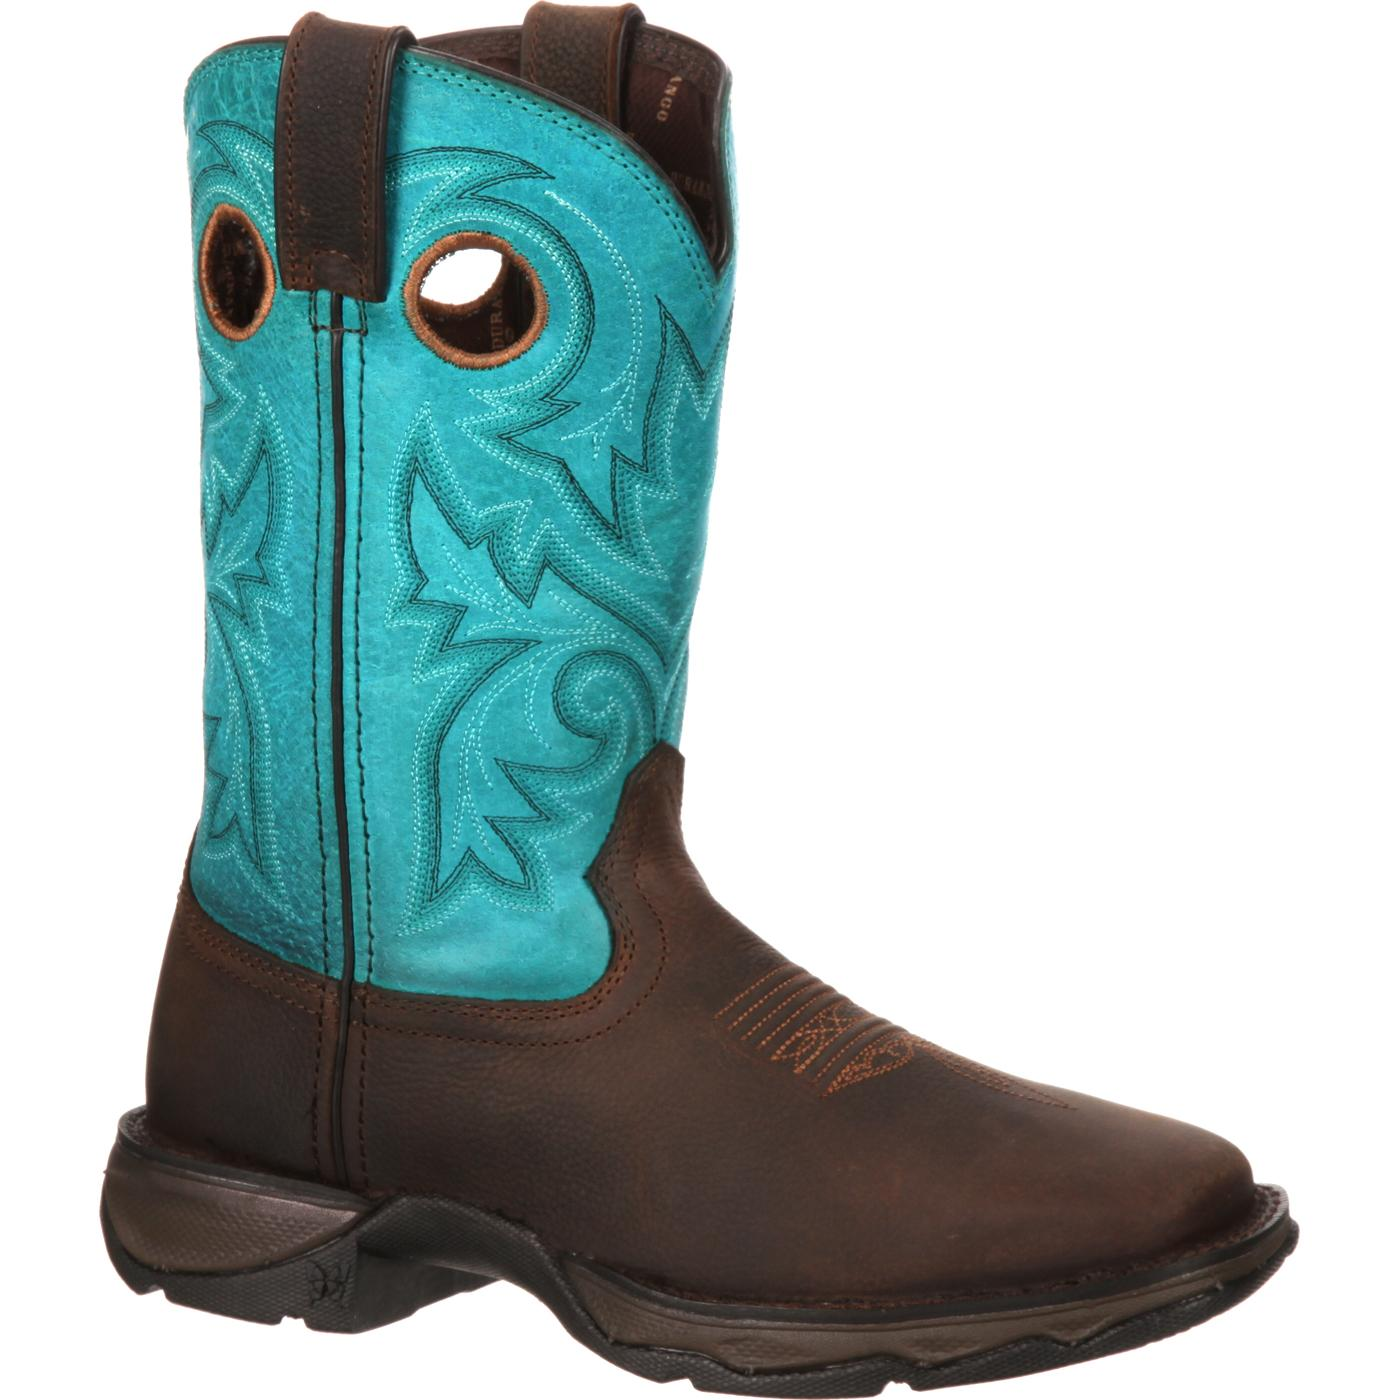 1192e70b841 Lady Rebel by Durango Women's Steel Toe Western Boot